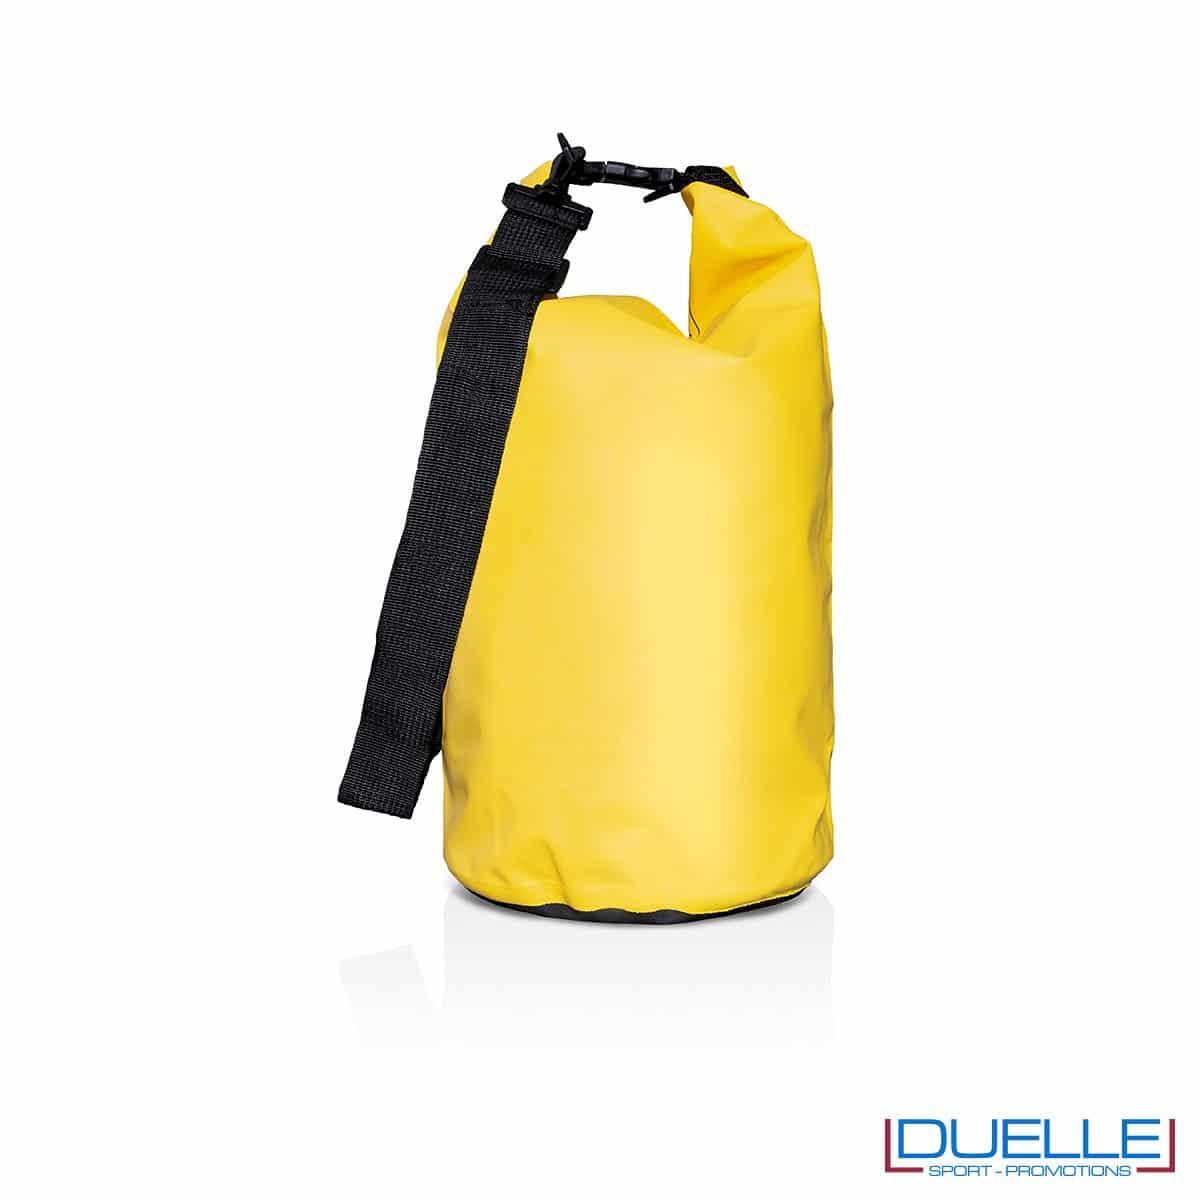 Sacca impermeabile personalizzata colore giallo 10 lt.